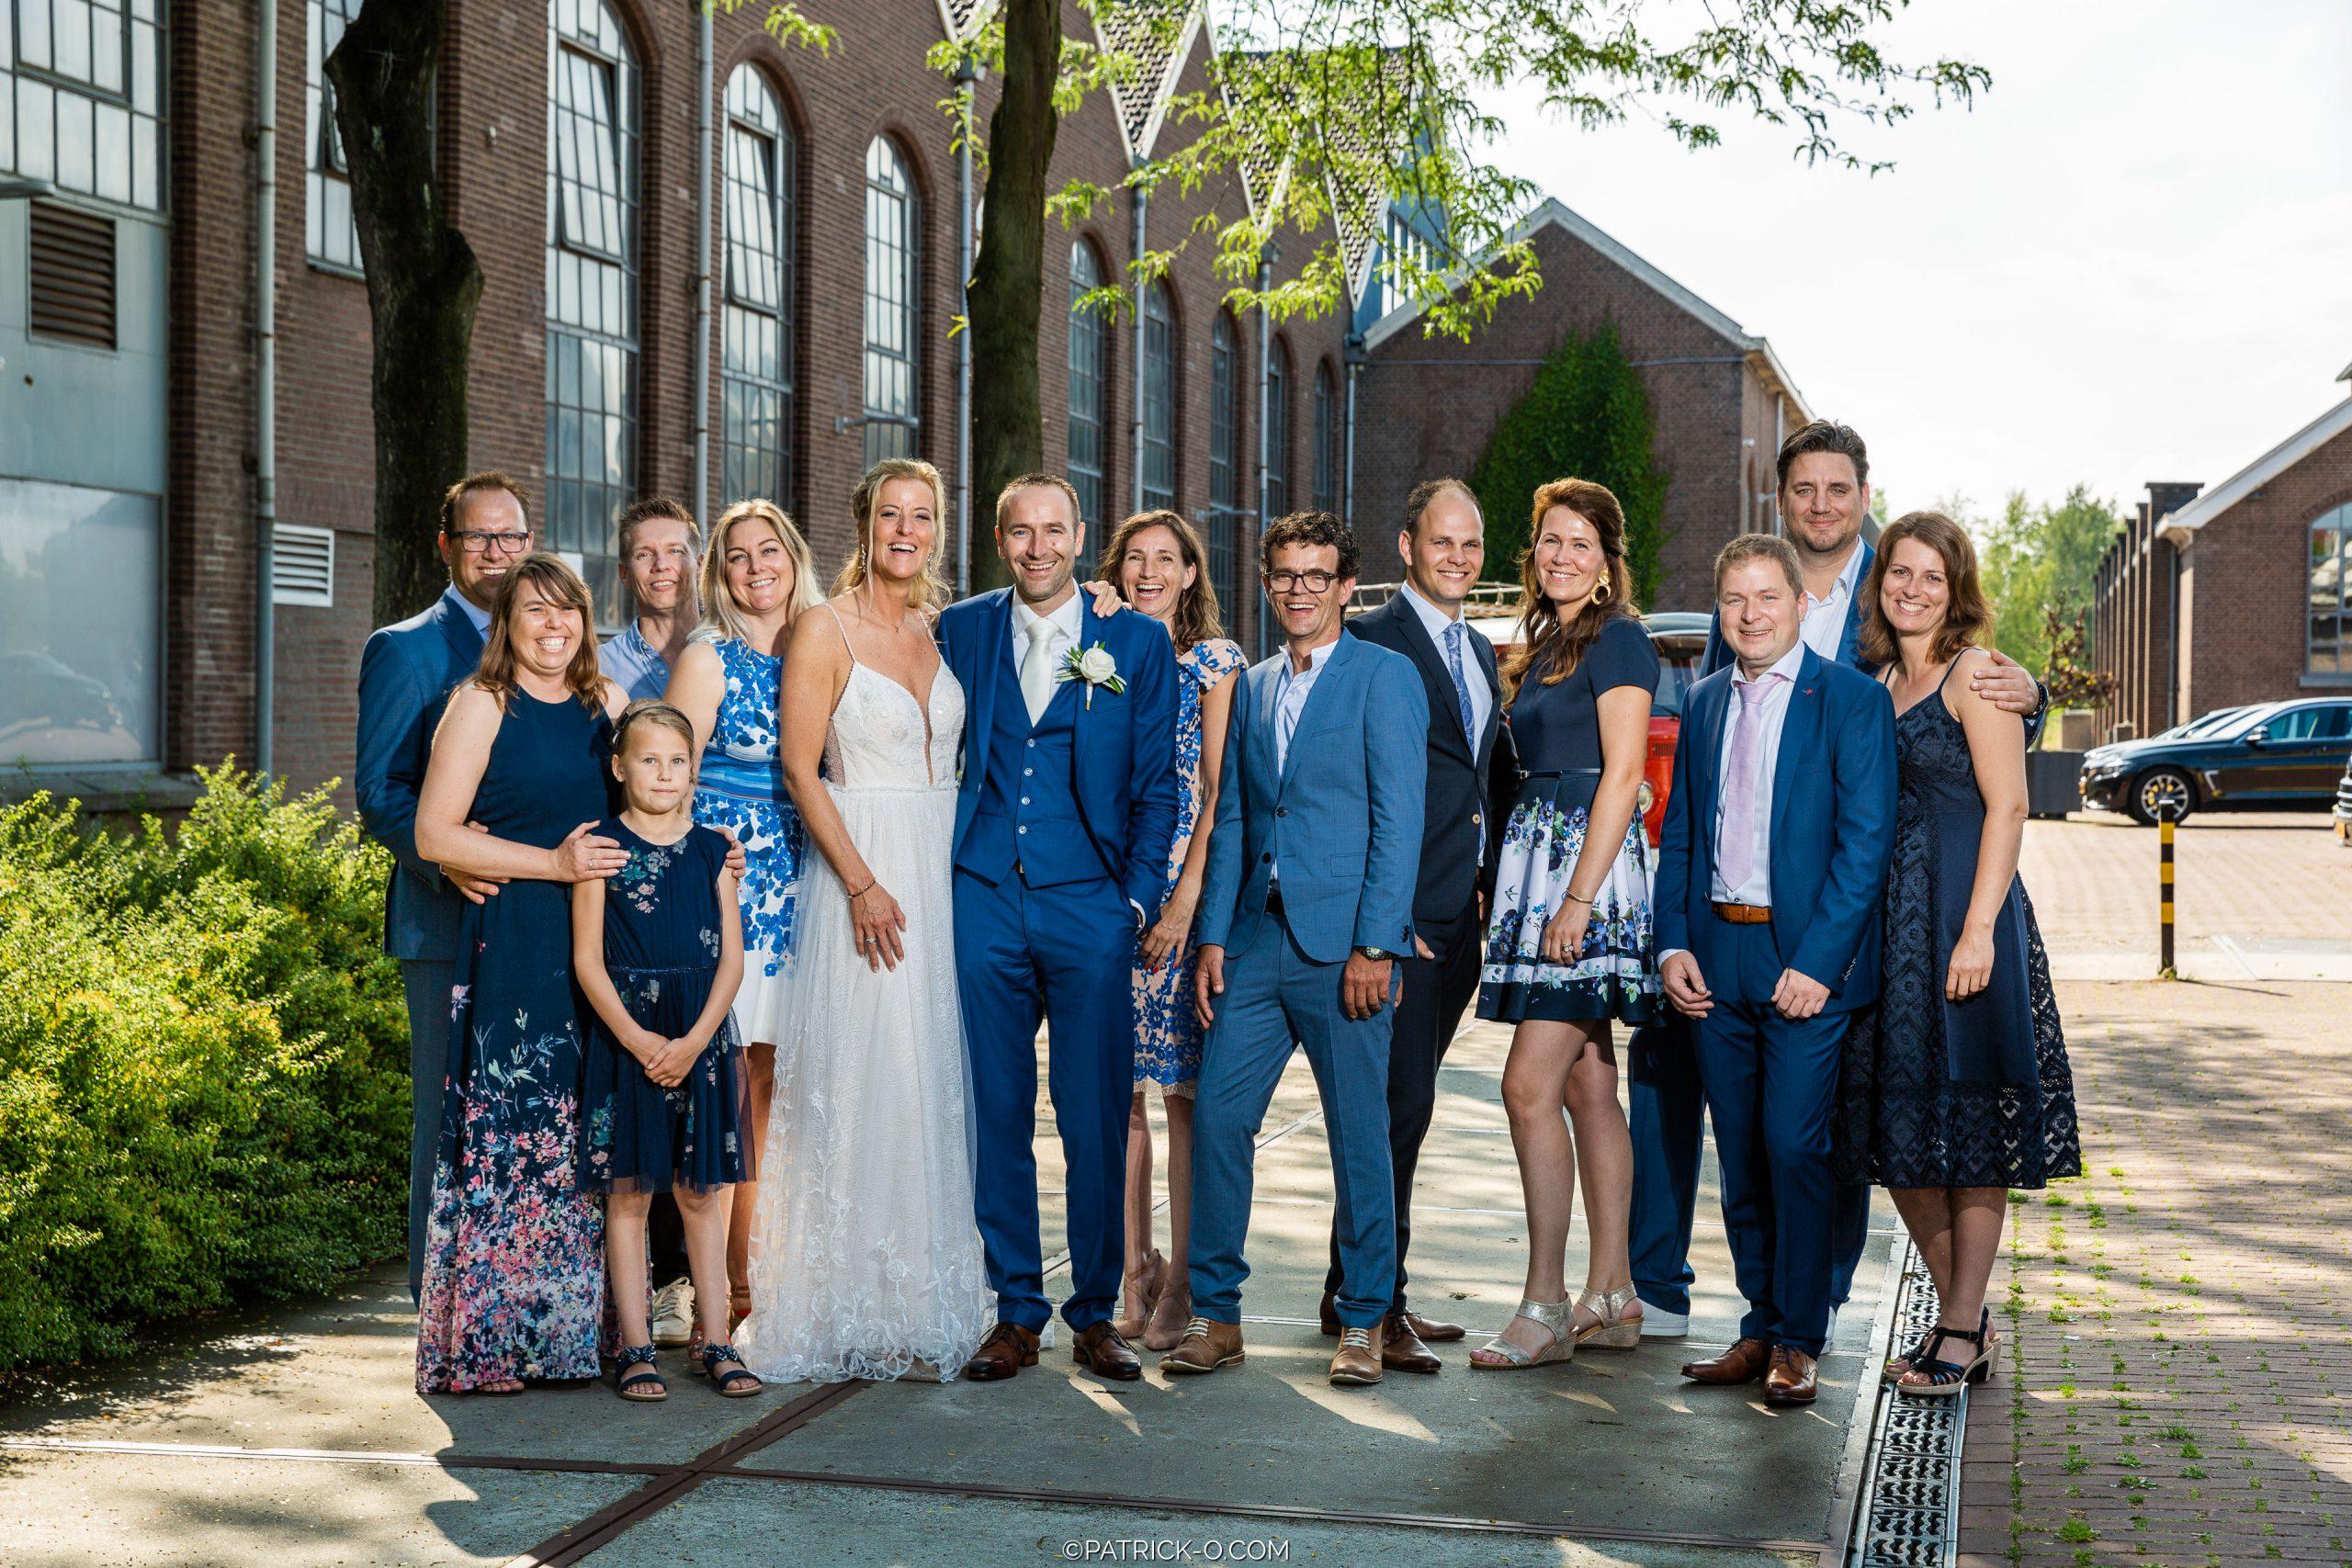 Bruiloft bij Centraal Ketelhuis Amersfoort